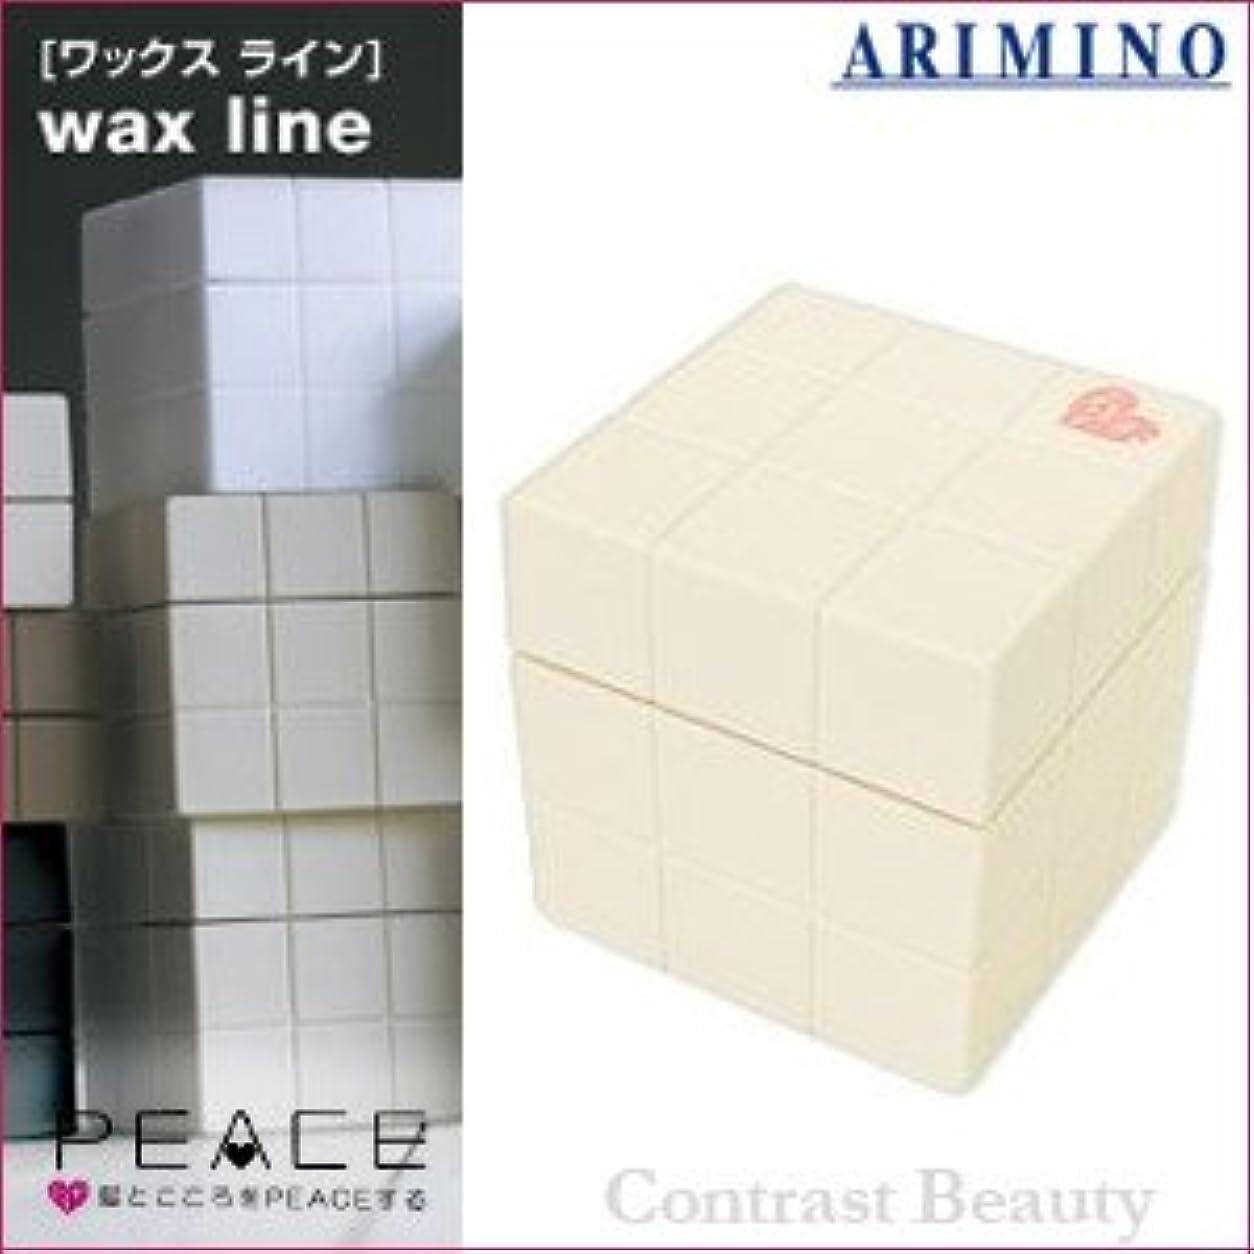 集まるセブン帰る【x2個セット】 アリミノ ピース プロデザインシリーズ ニュアンスワックス バニラ 80g